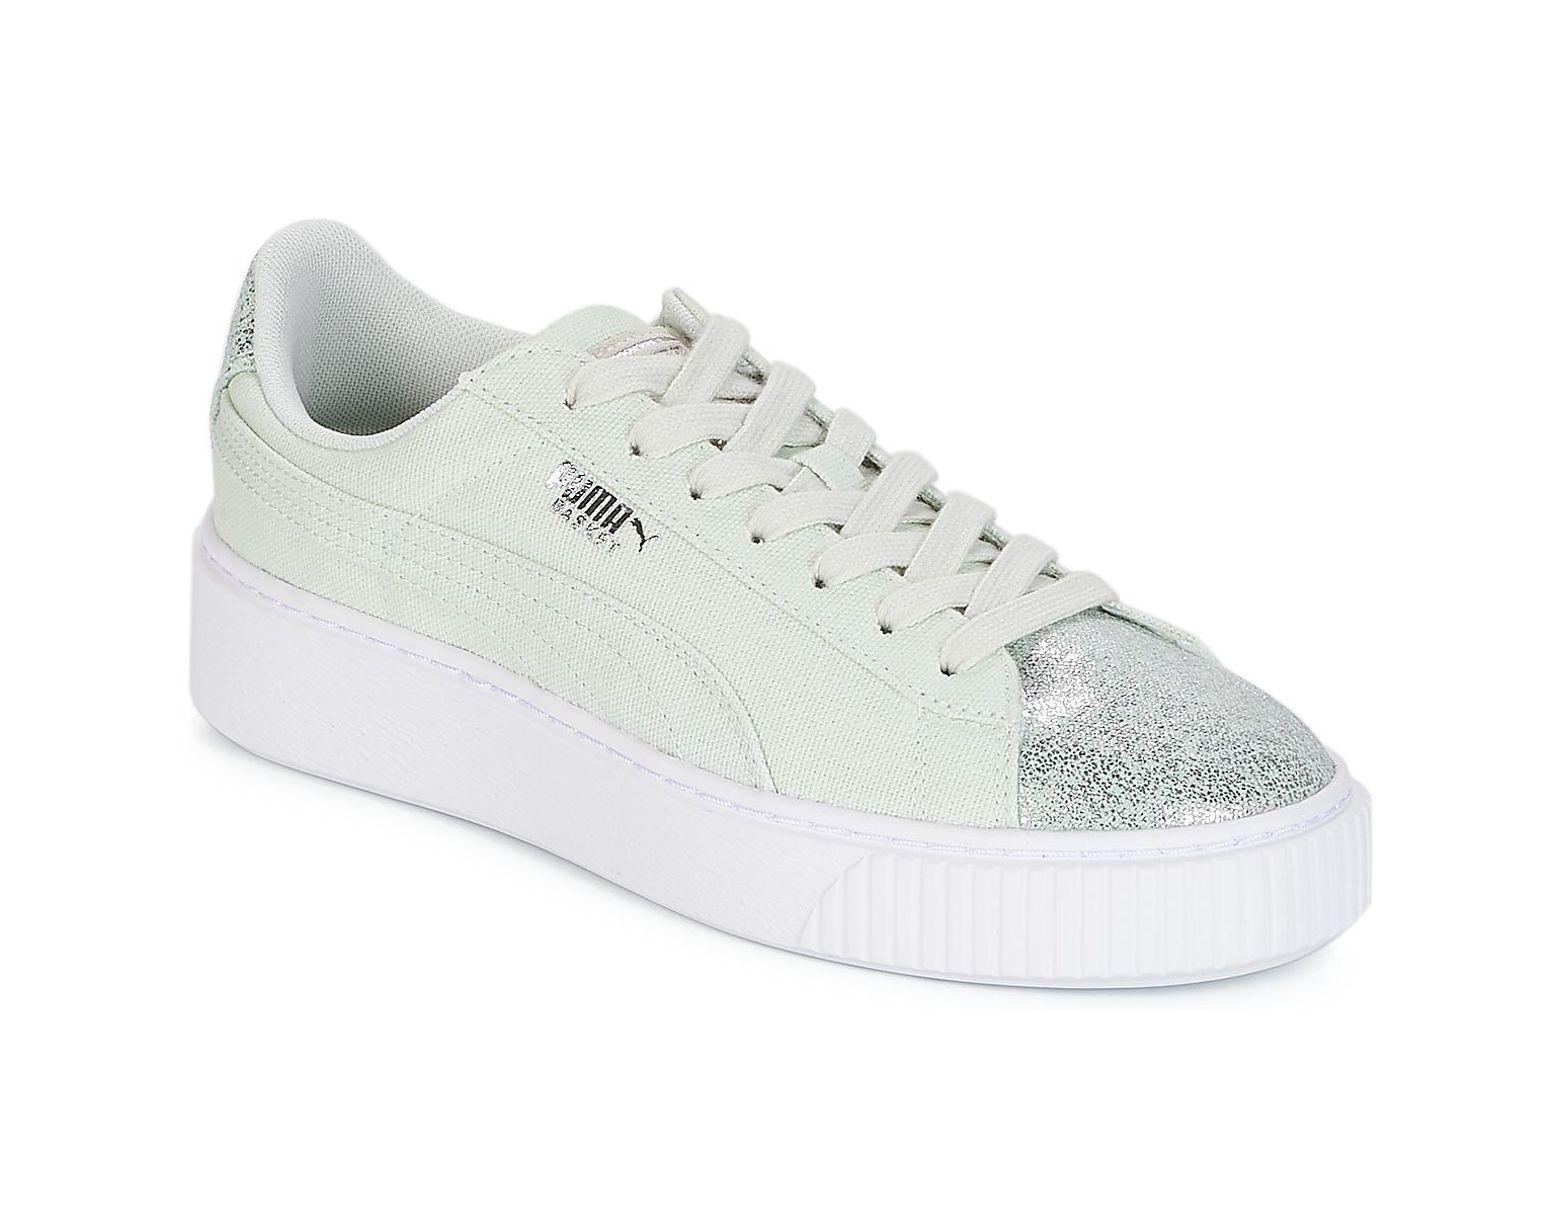 En Vert Chaussures Puma Coloris W's Femmes Platform Canvas Basket wn0Nv8m